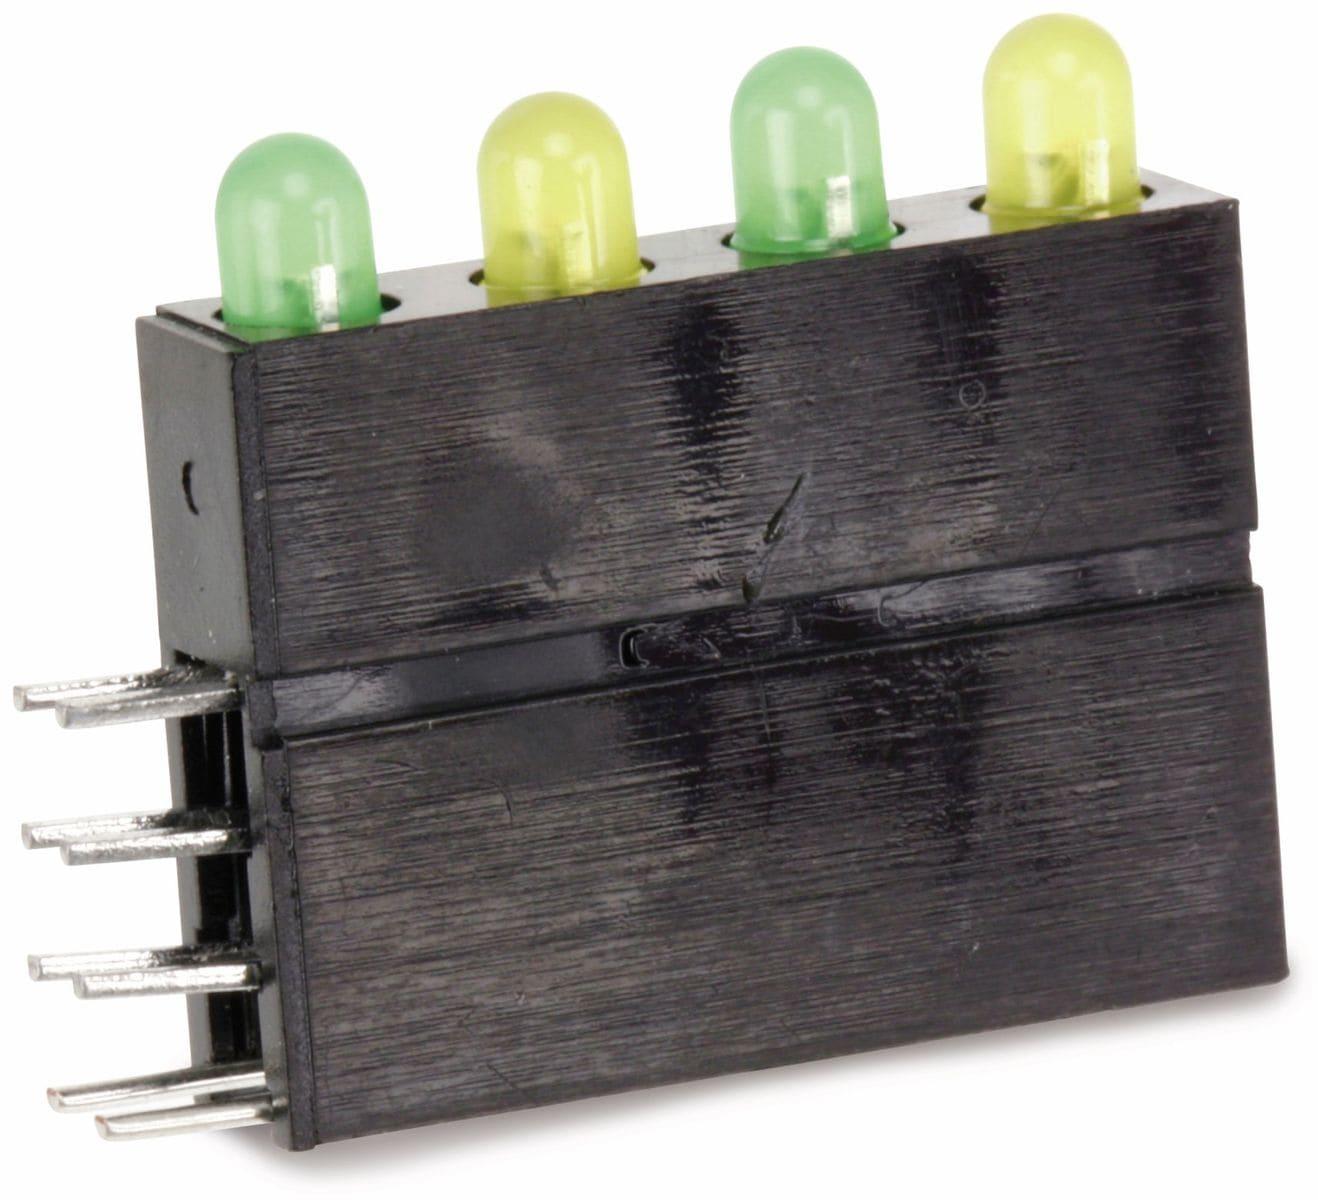 LED-Zeile, grün-gelb, Ý 3mm, 4-fach